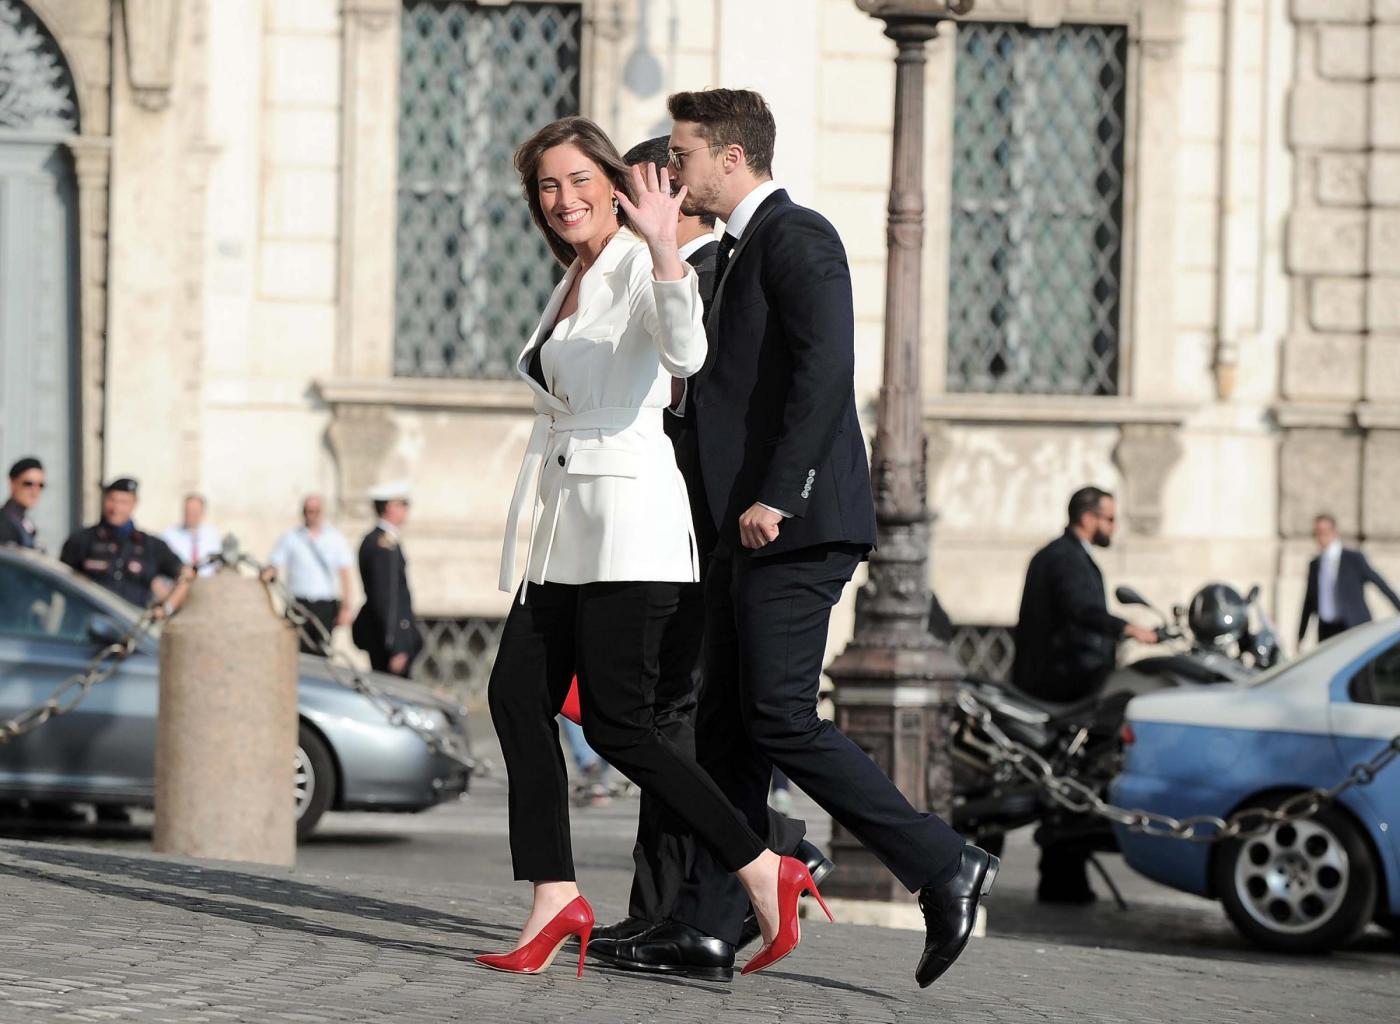 Maria Elena Boschi tacco 12, Lilli Gruber con sandali carroarmato: look dei politici al Quirinale